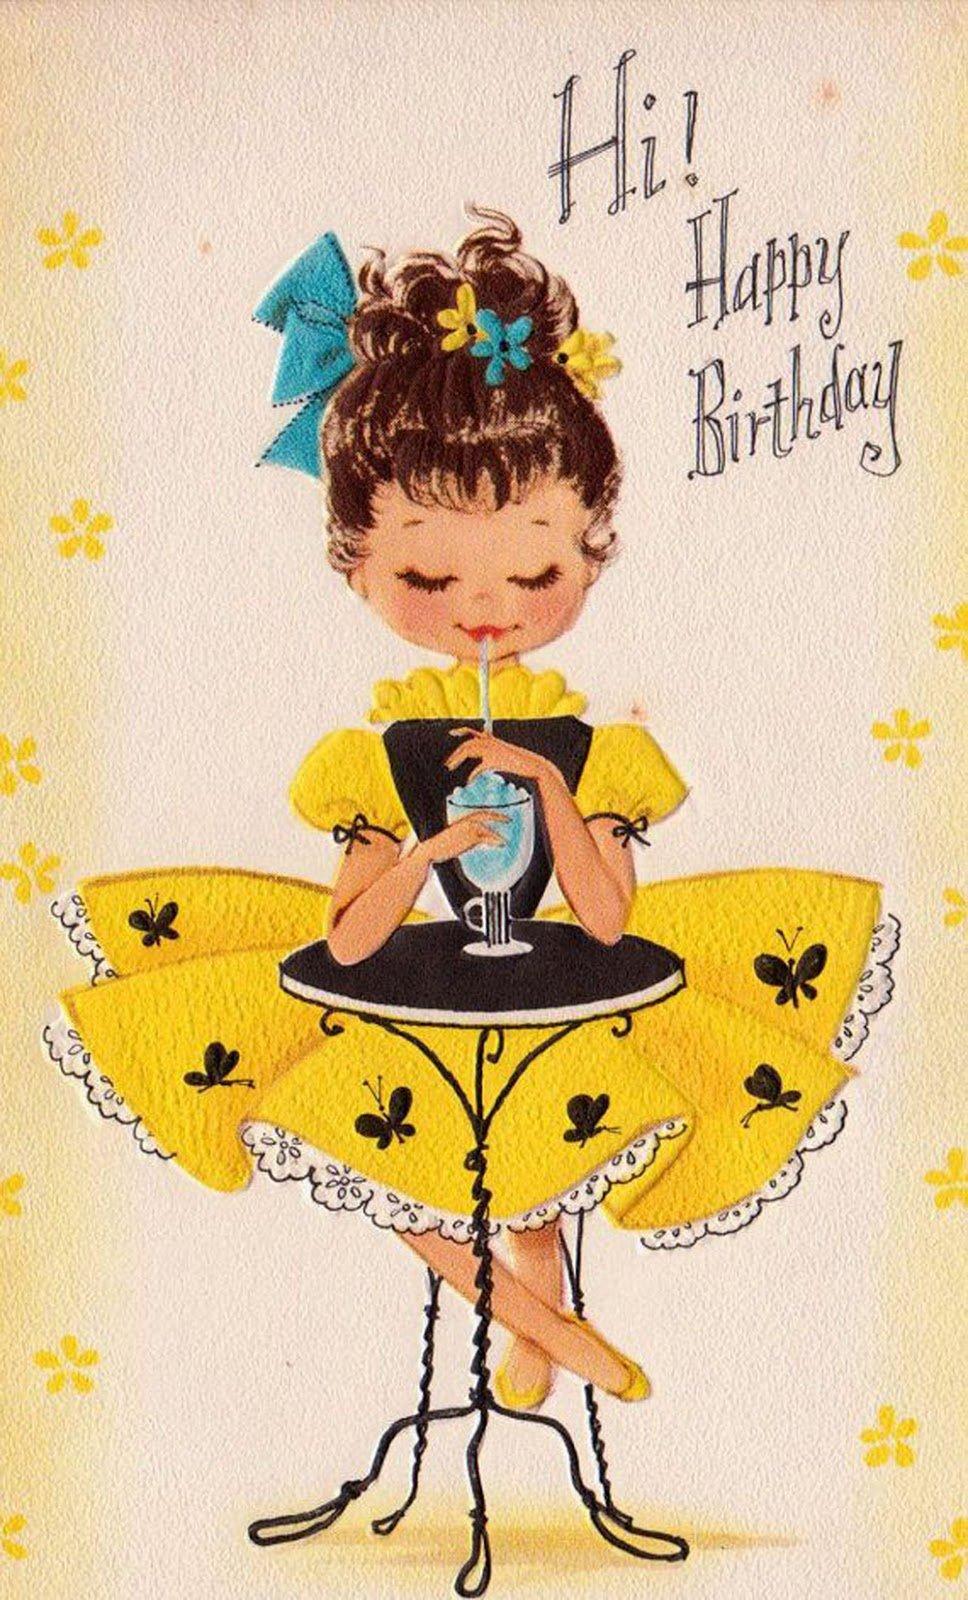 Открытка с днем рождения винтажная девочка, открытках шутка открытки